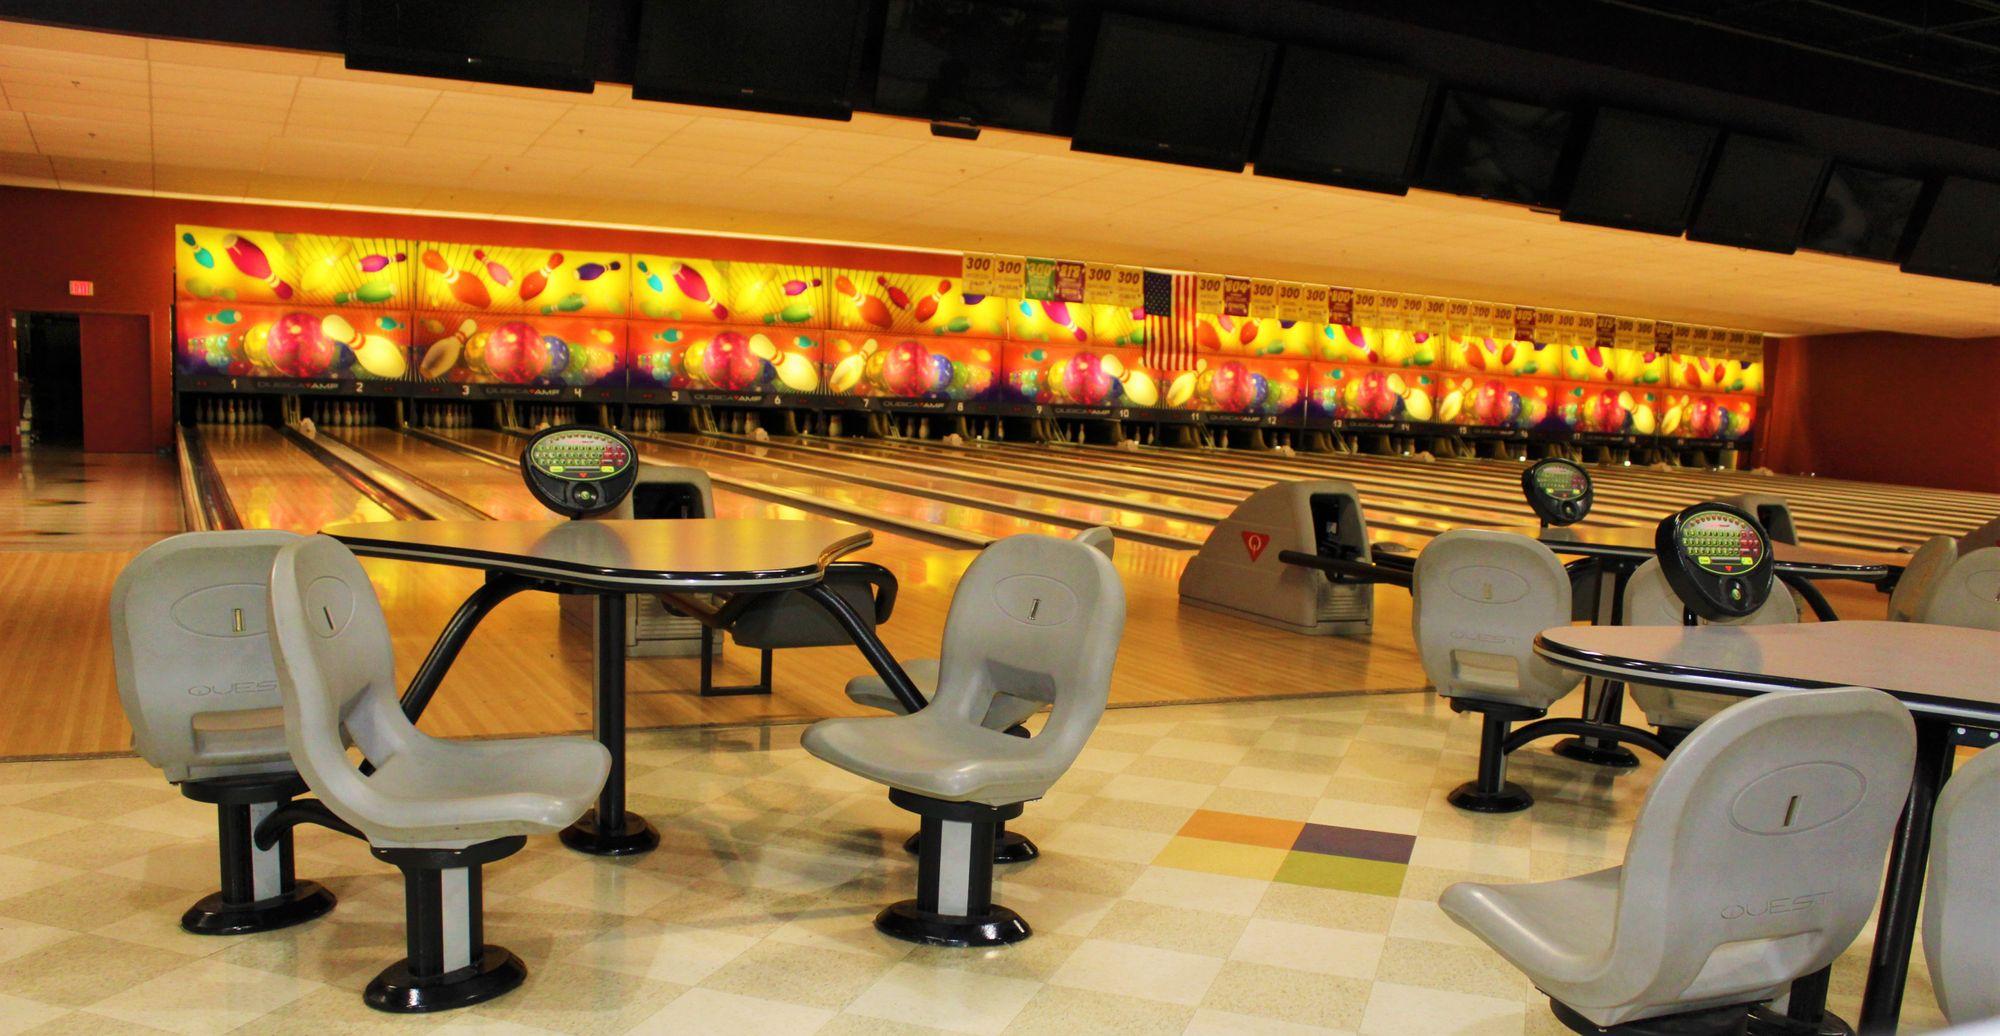 Bowling Lanes 1.jpeg